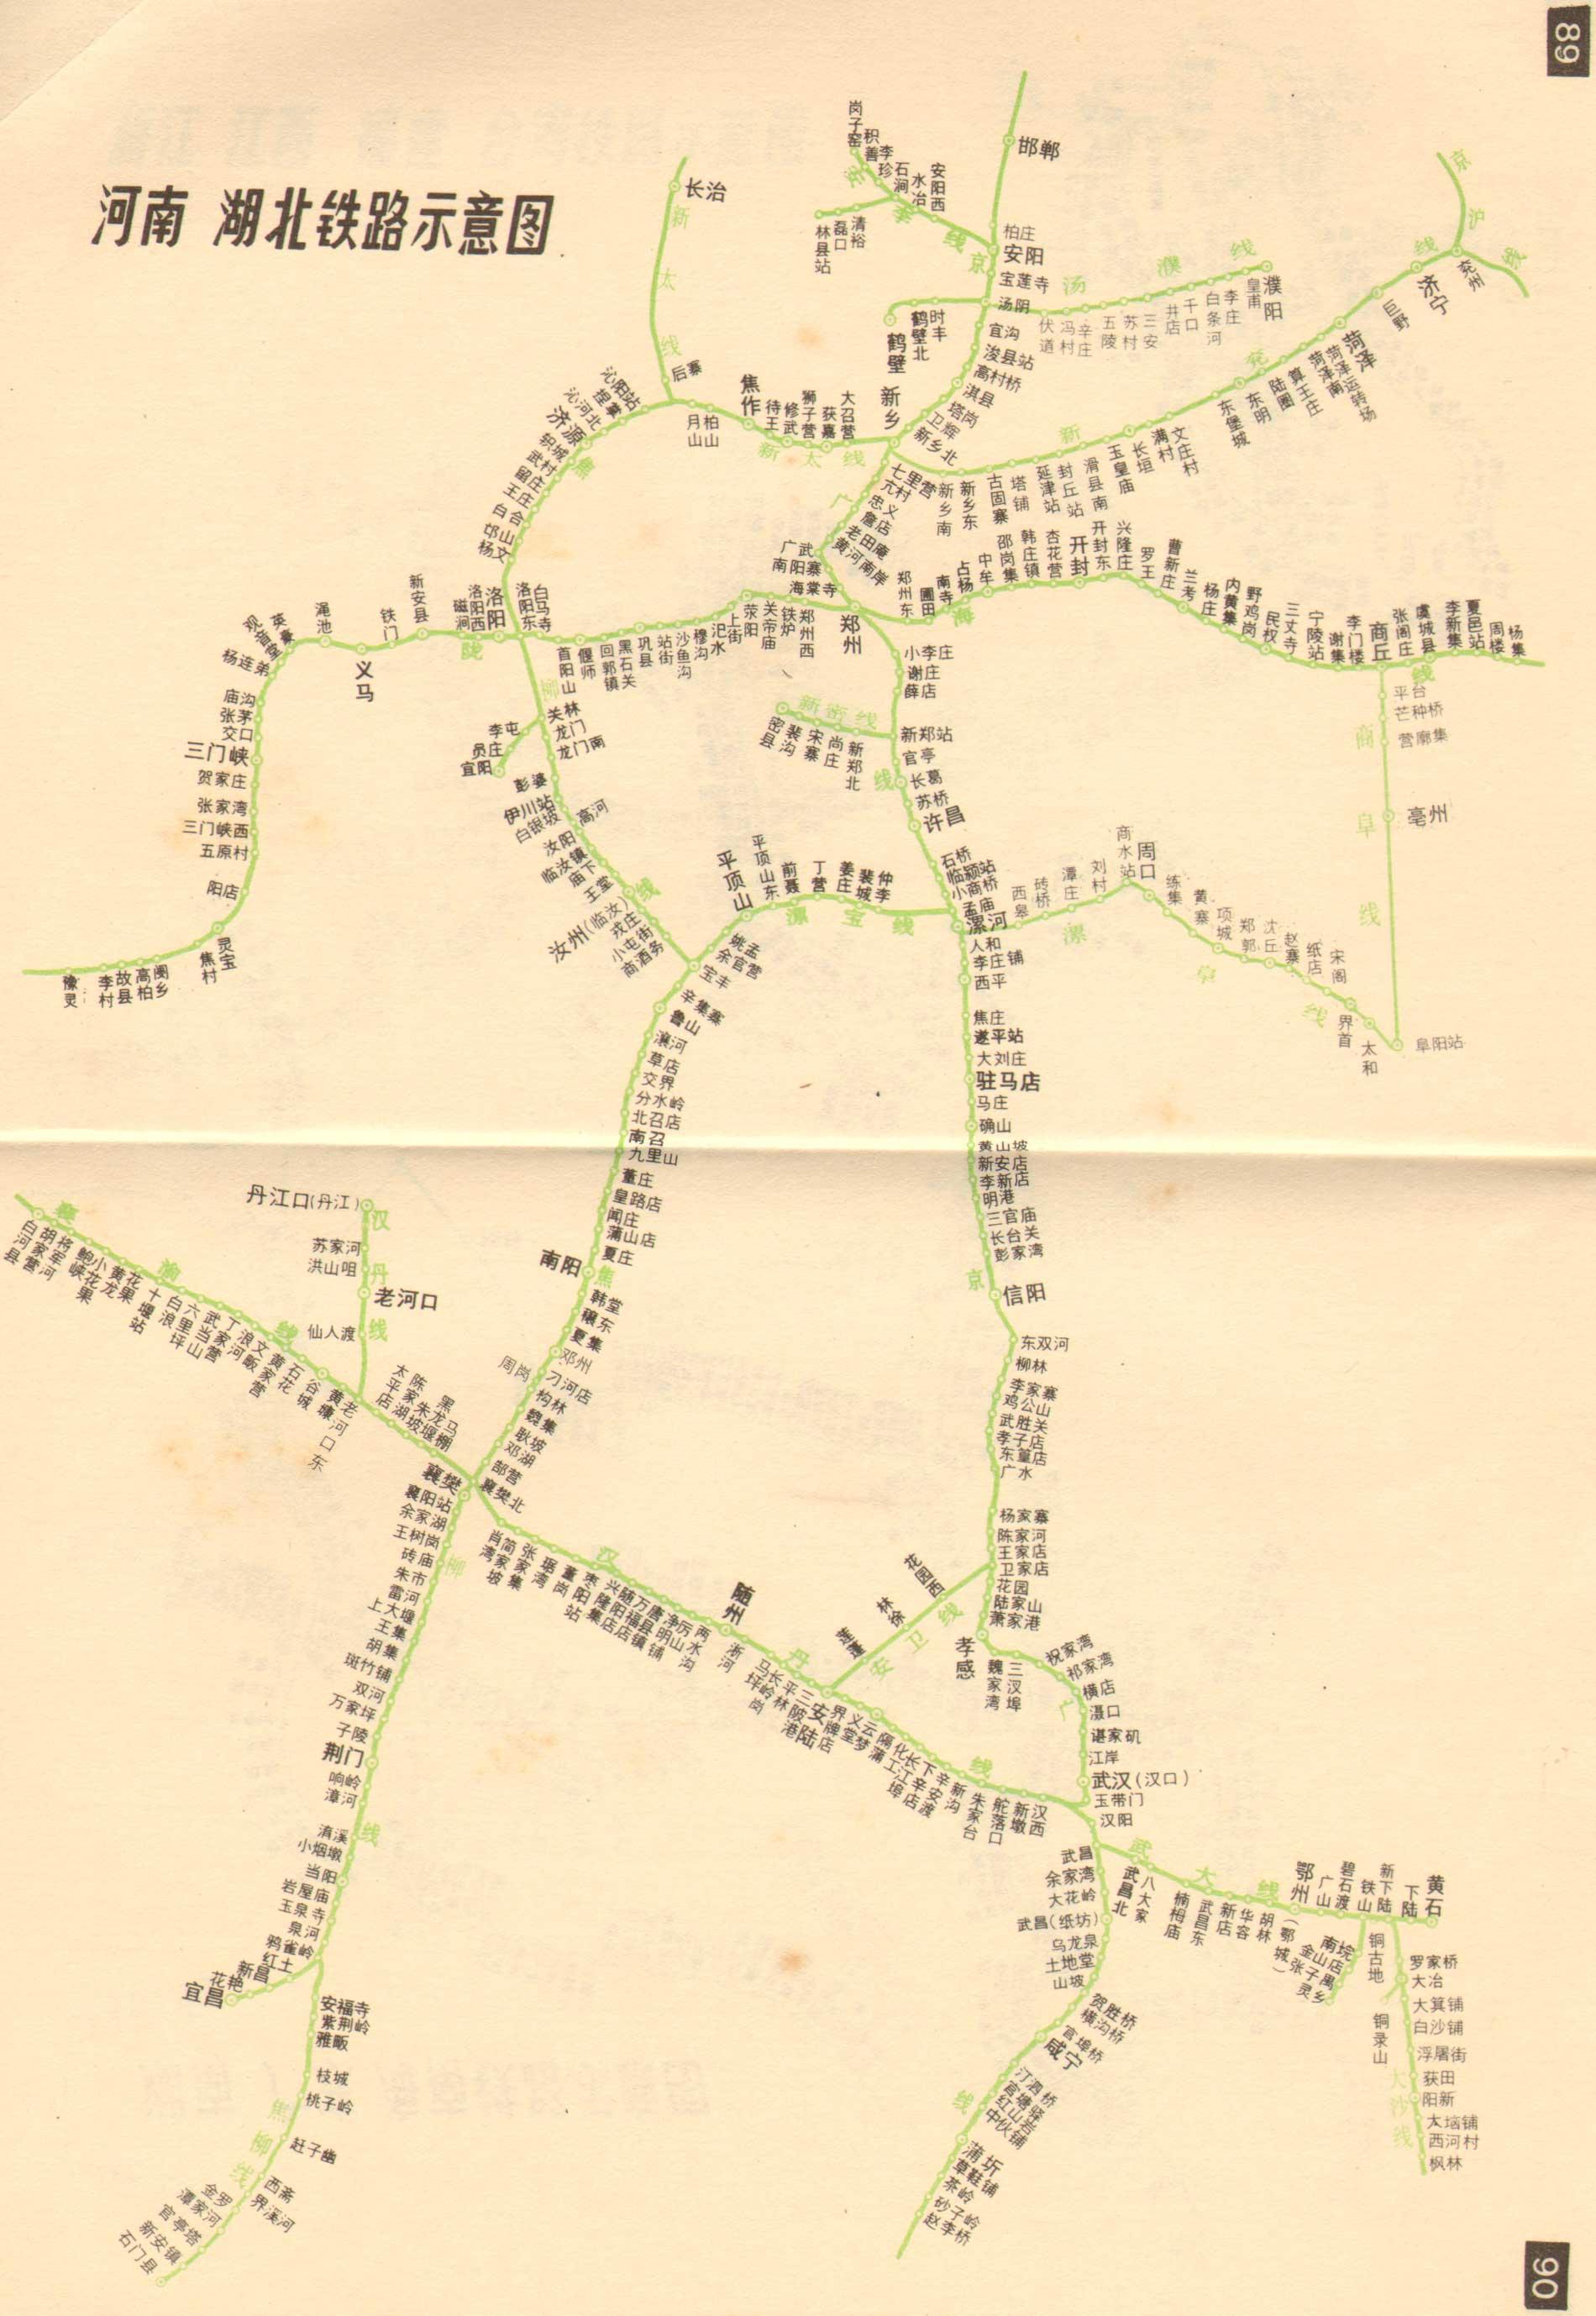 河南 湖北 铁路 线路图 交通地 图库高清图片